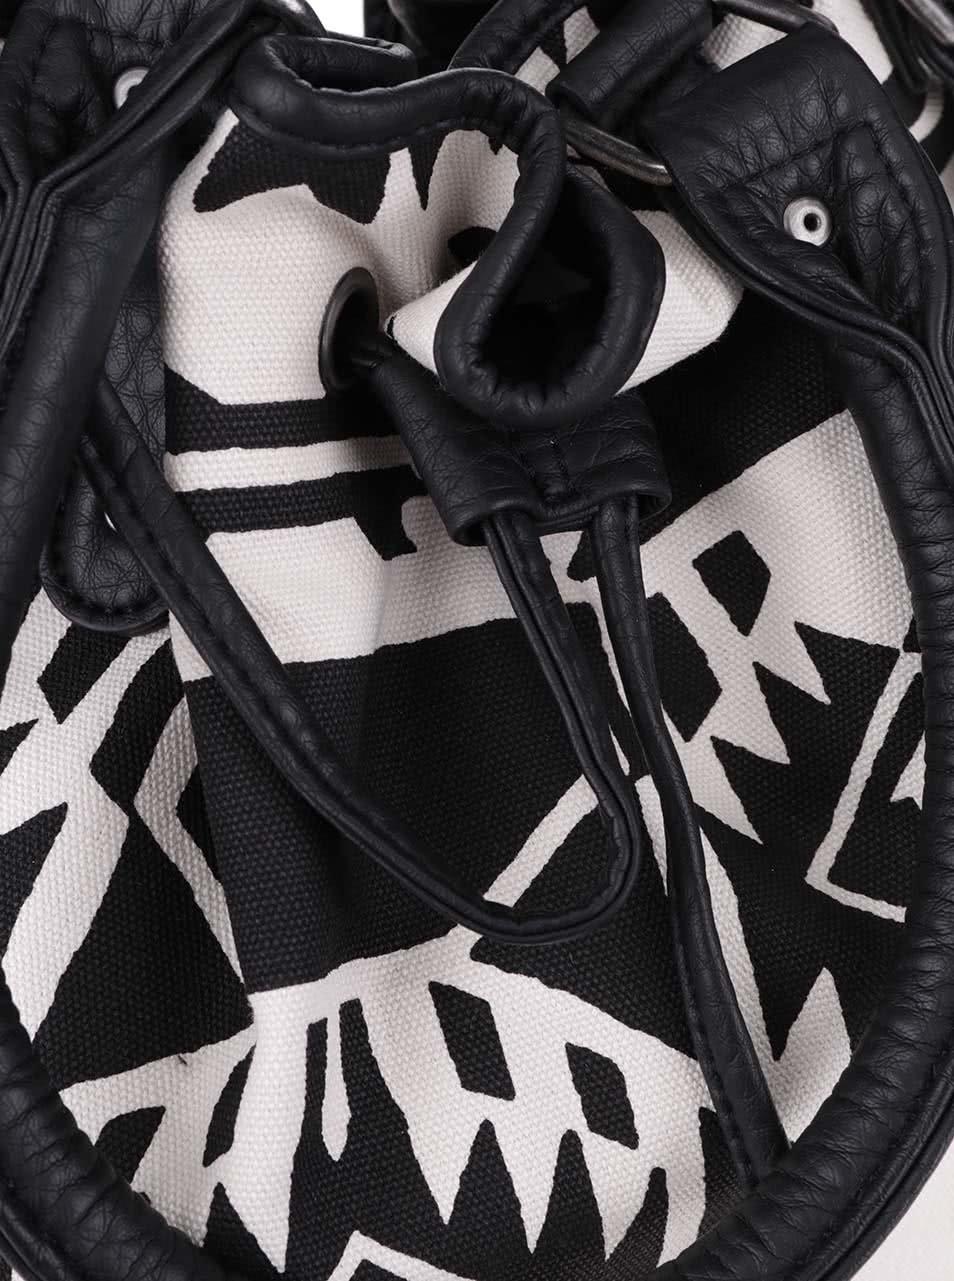 fdee812cc4 Krémovo-čierna vzorovaná kabelka cez rameno Vans Amelia ...